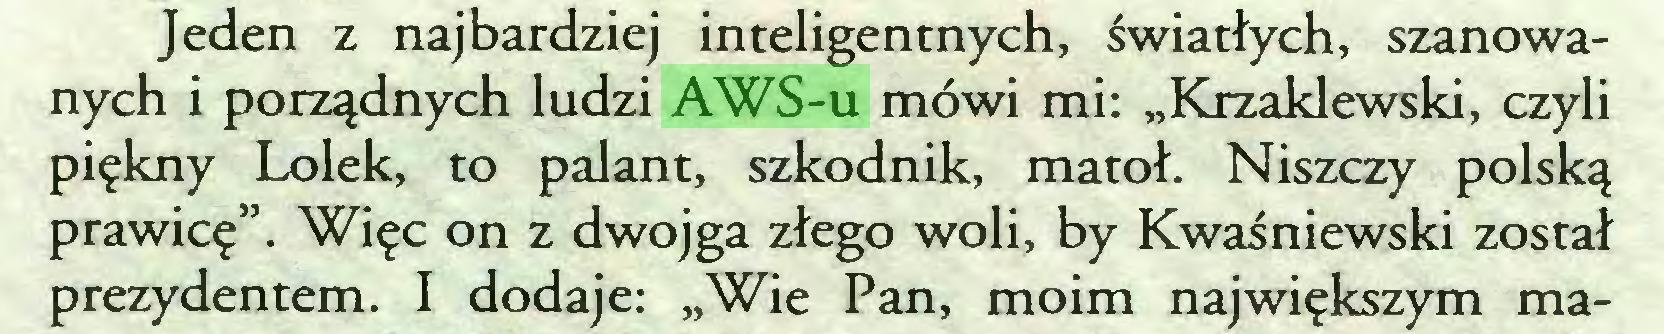 """(...) Jeden z najbardziej inteligentnych, światłych, szanowanych i porządnych ludzi AWS-u mówi mi: """"Krzaklewski, czyli piękny Lolek, to palant, szkodnik, matoł. Niszczy polską prawicę"""". Więc on z dwojga złego woli, by Kwaśniewski został prezydentem. I dodaje: """"Wie Pan, moim największym ma..."""